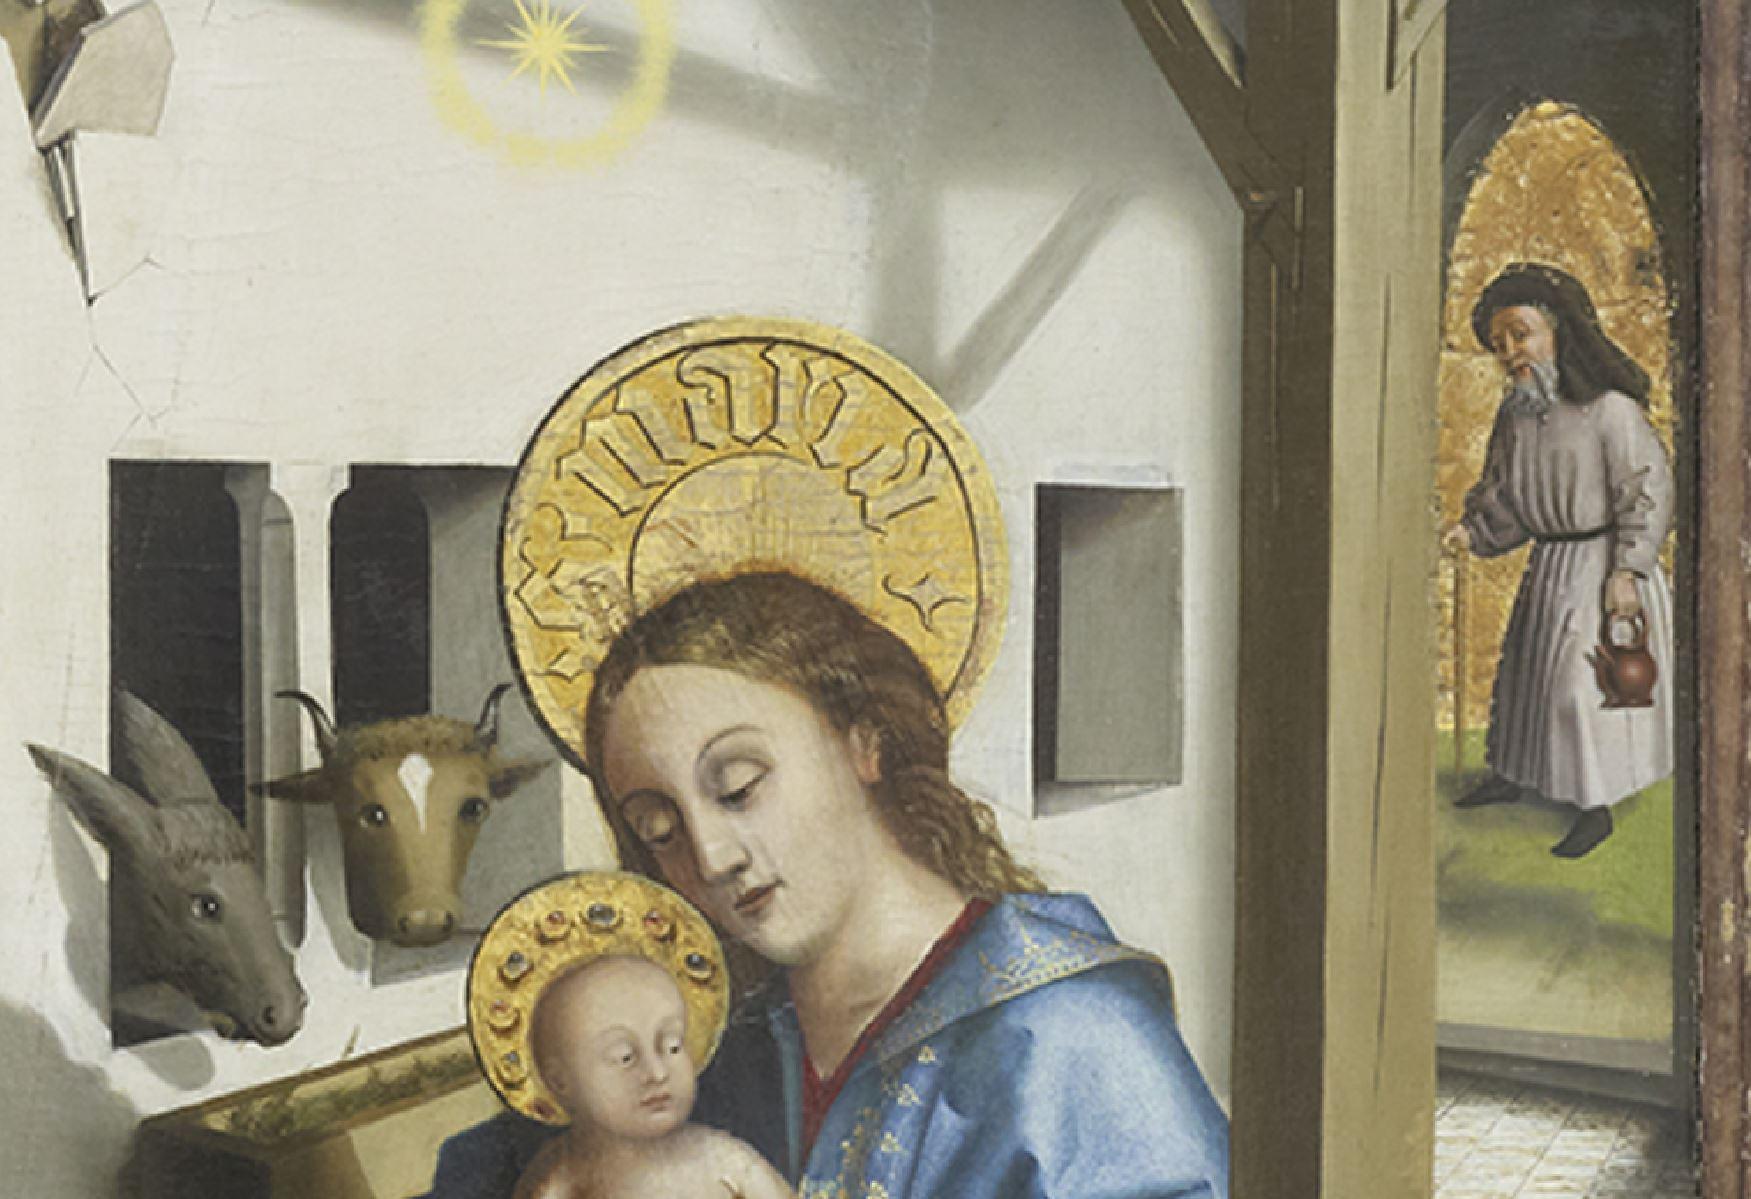 Konrad Witz Adoration des Mages Musee des BA Geneve detail Joseph